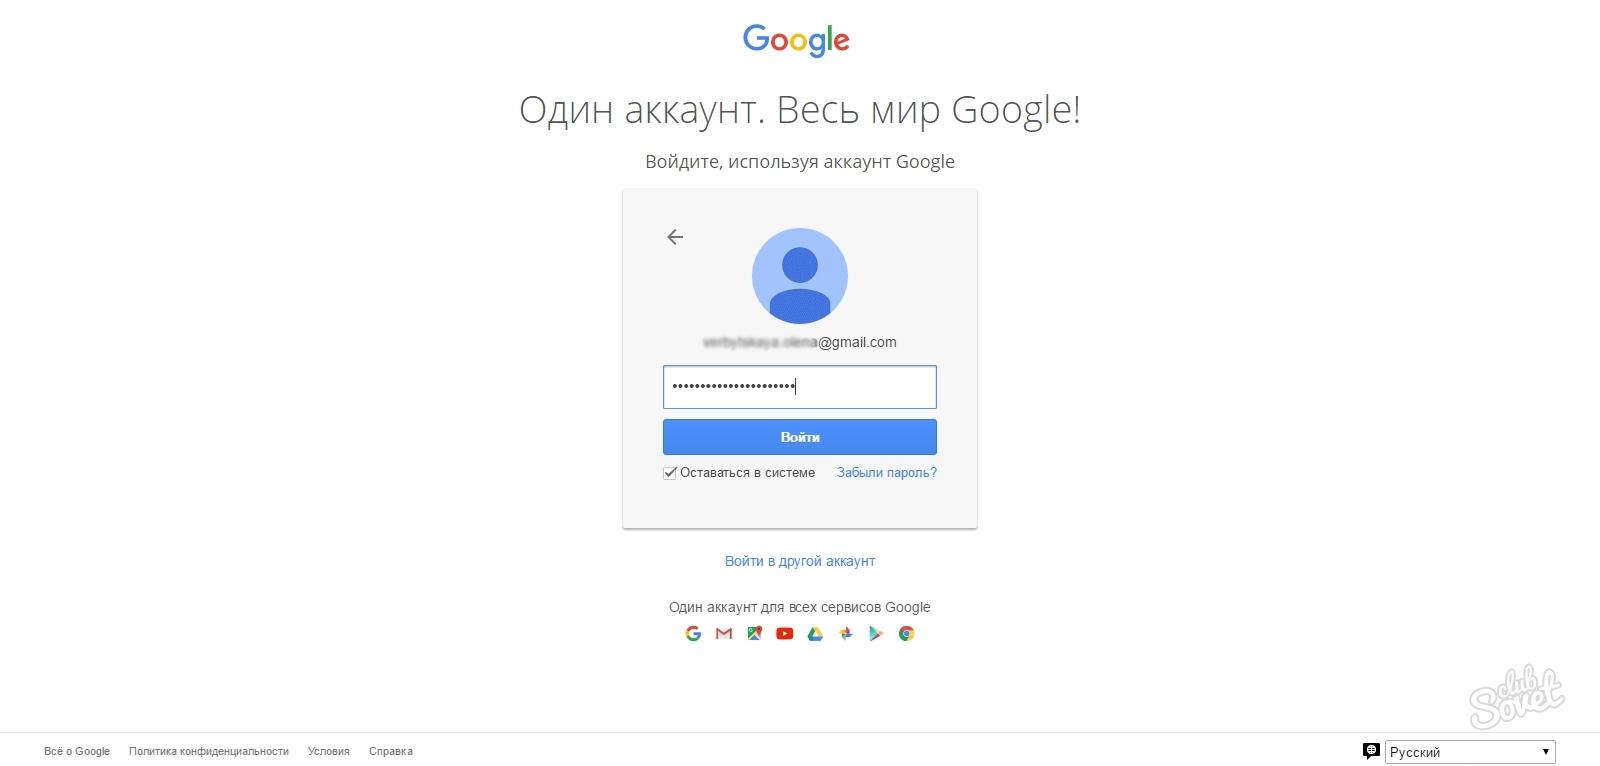 поможем вход в гугл фото аккаунт лучшим